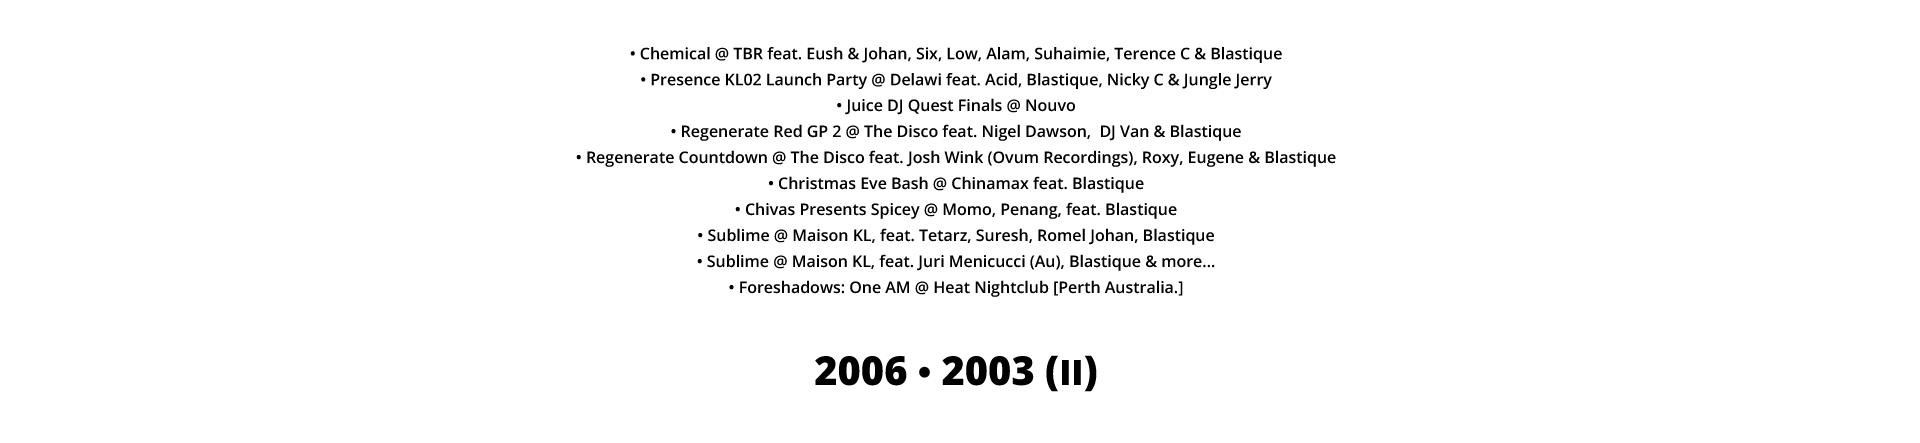 2006-2003ii.png